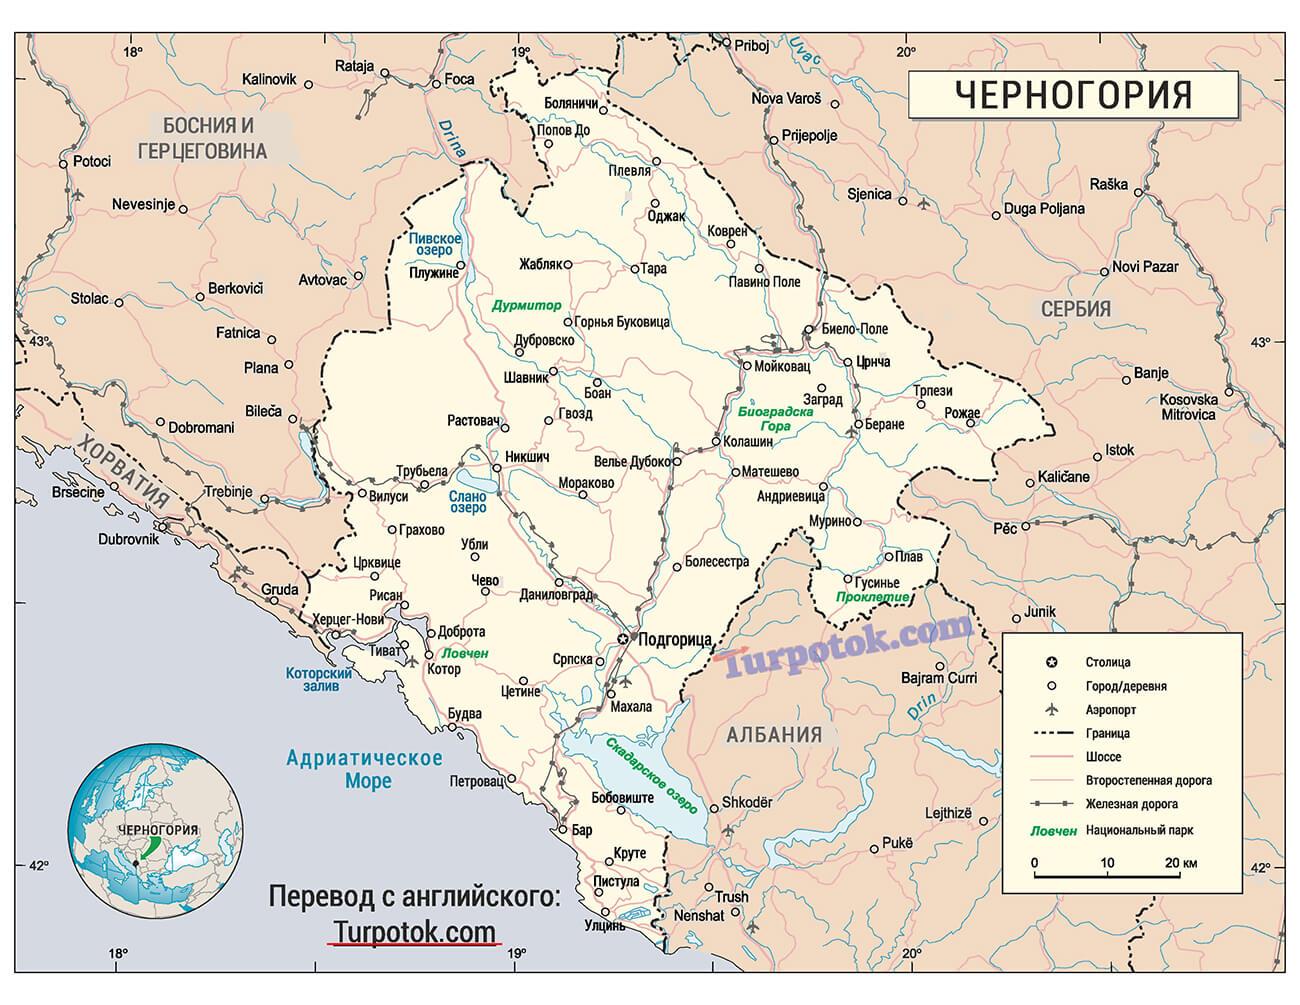 karta-chernogorii-na-russkom_2